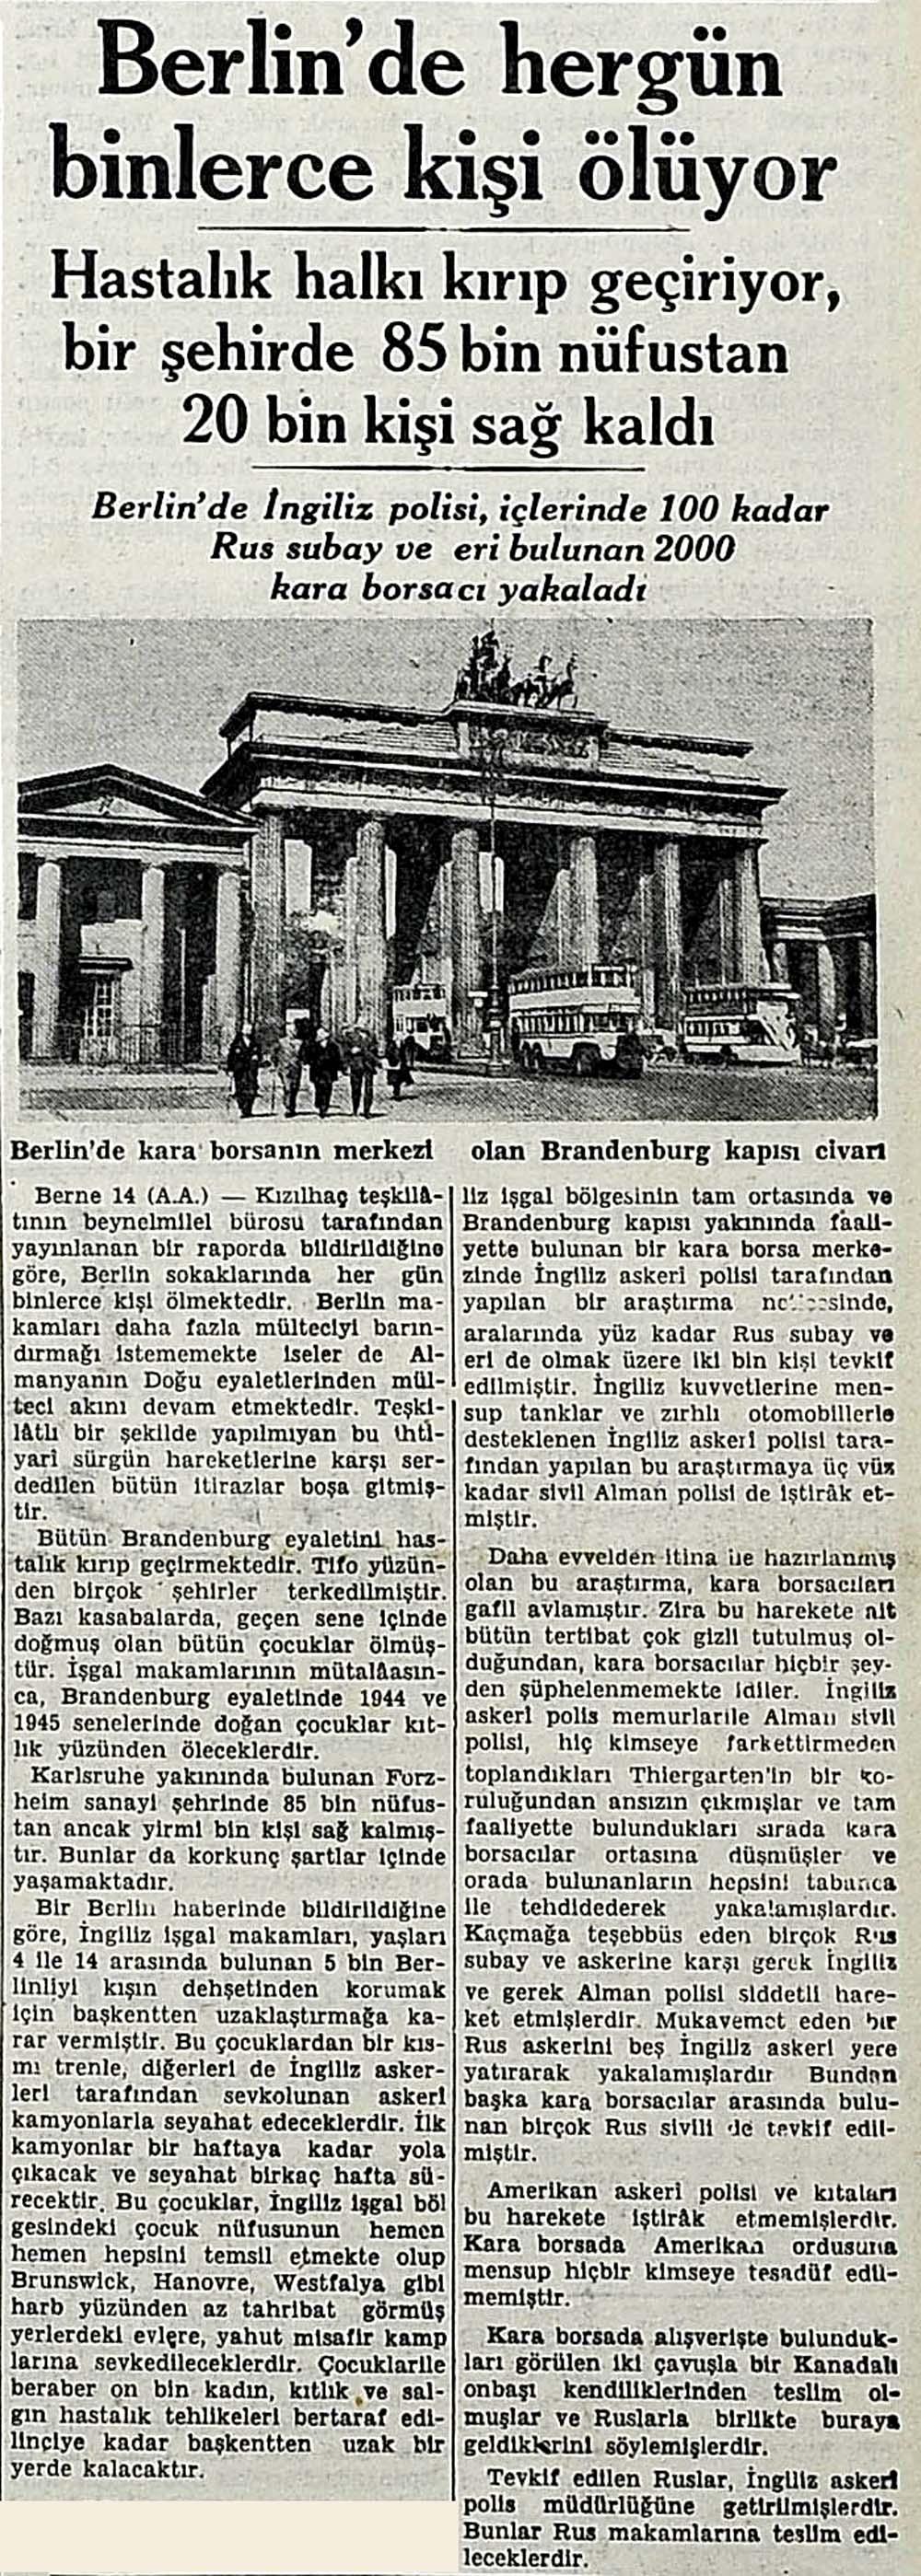 Berlin'de hergün binlerce kişi ölüyor